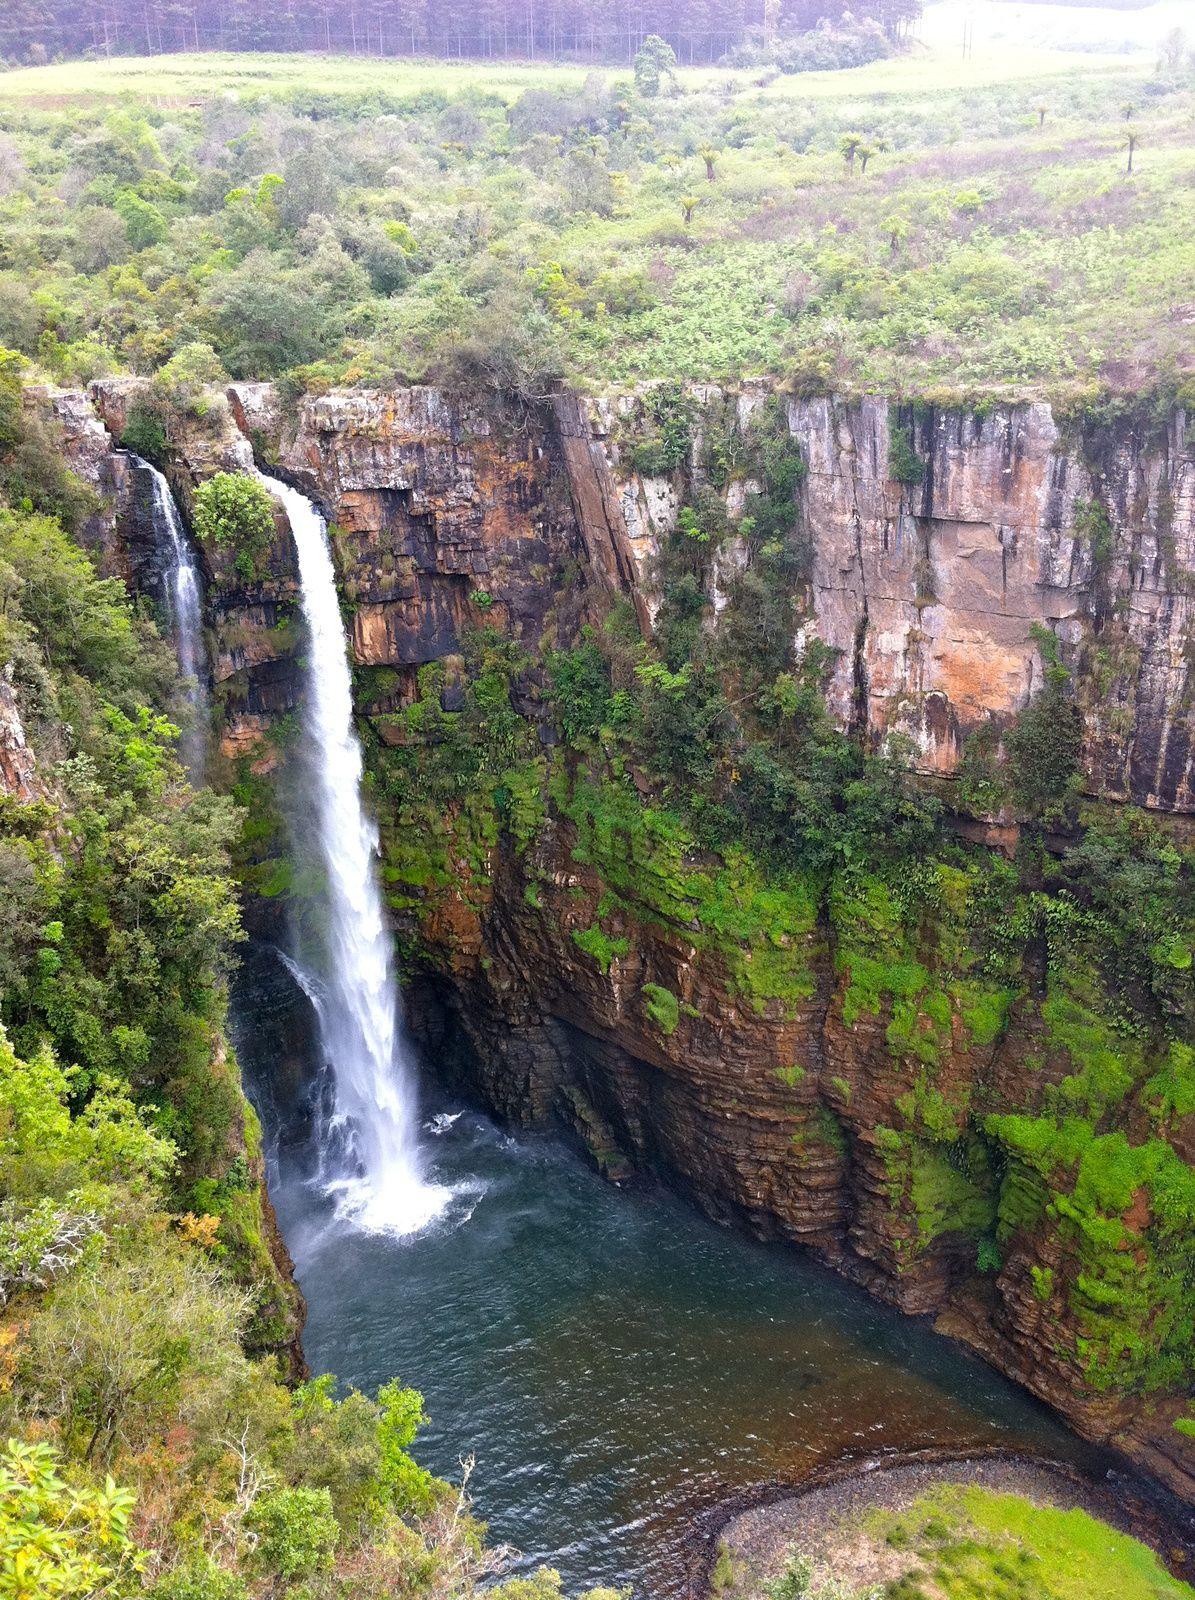 Warum Reisen? Wegen den Wasserfällen!